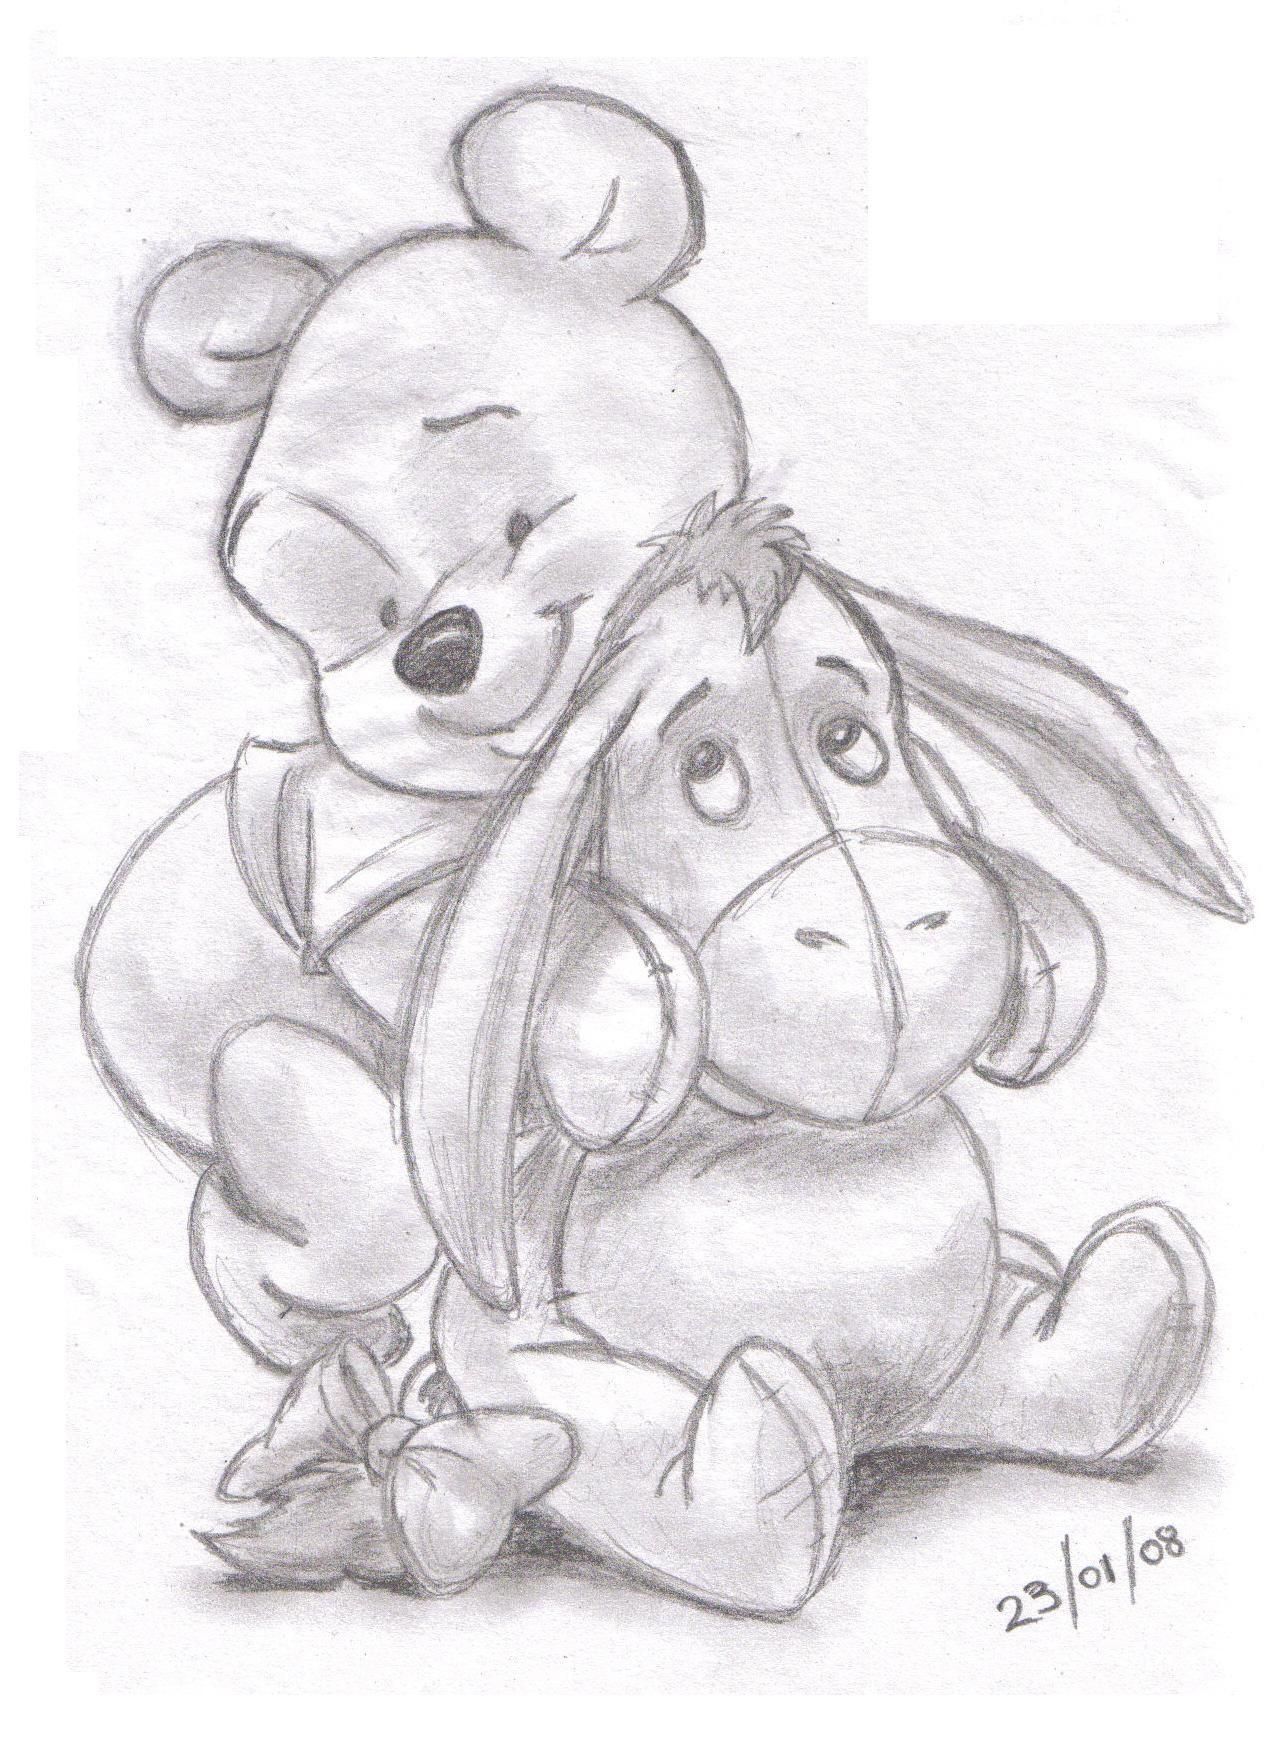 Winnie the pooh and eeyore | LandN83 | Foundmyself